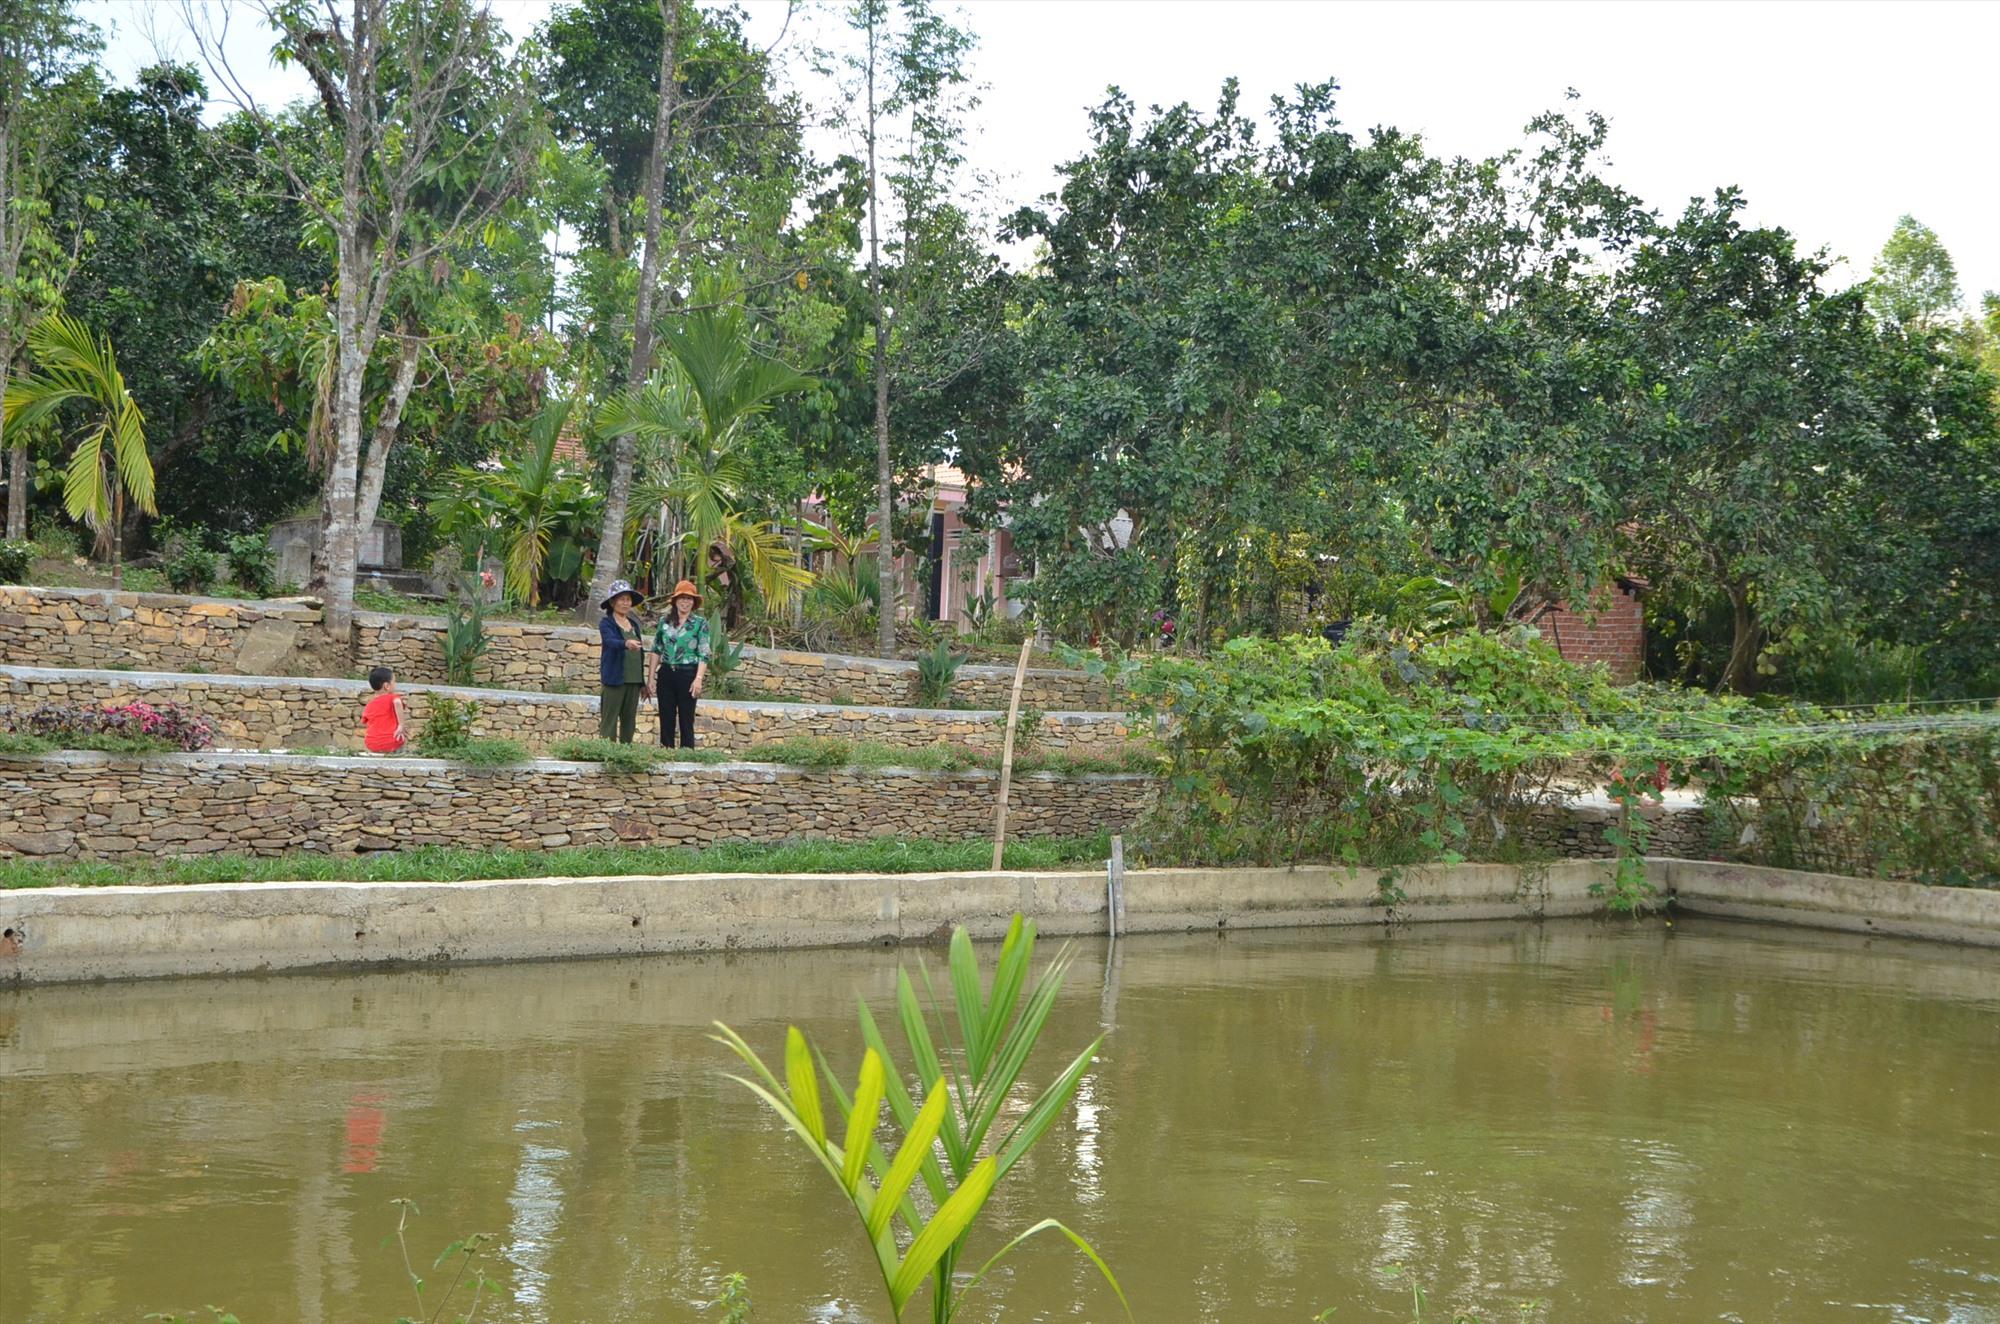 """Xây dựng mô hình """"Nhà sạch, vườn đẹp"""" tại làng cổ Lộc Yên, xã Tiên Cảnh nhằm tạo bước đột phá trong phát triển du lịch sinh thái. Ảnh: P.H"""